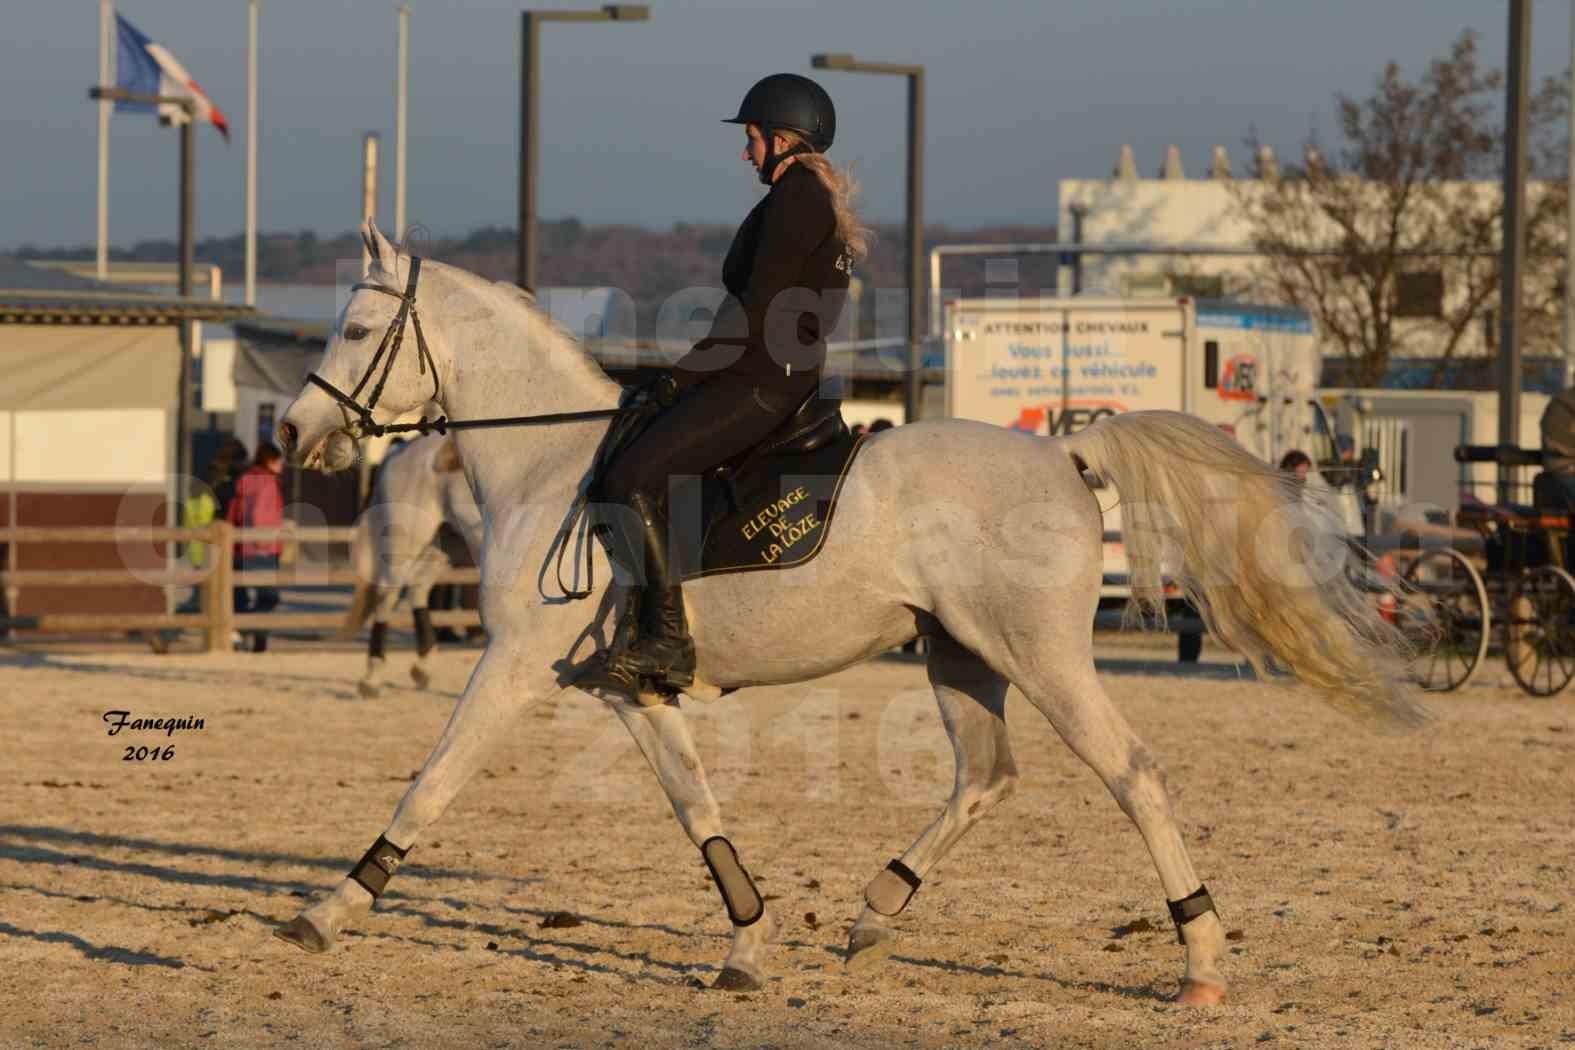 Cheval Passion 2016 - Présentation extérieure de chevaux Arabes montés - 19